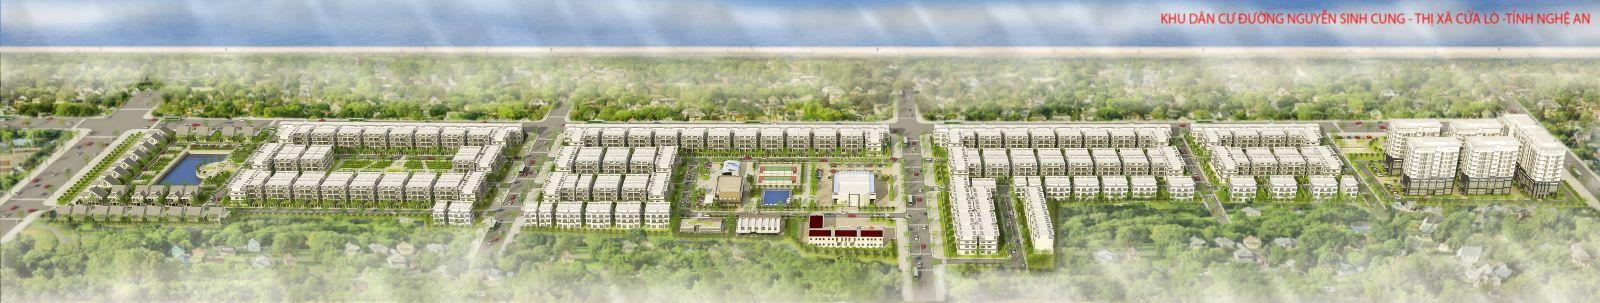 Phối cảnh tổng thể dự án Khu đô thị Nguyễn Sinh Cung tại TX. Cửa Lò, Nghệ An